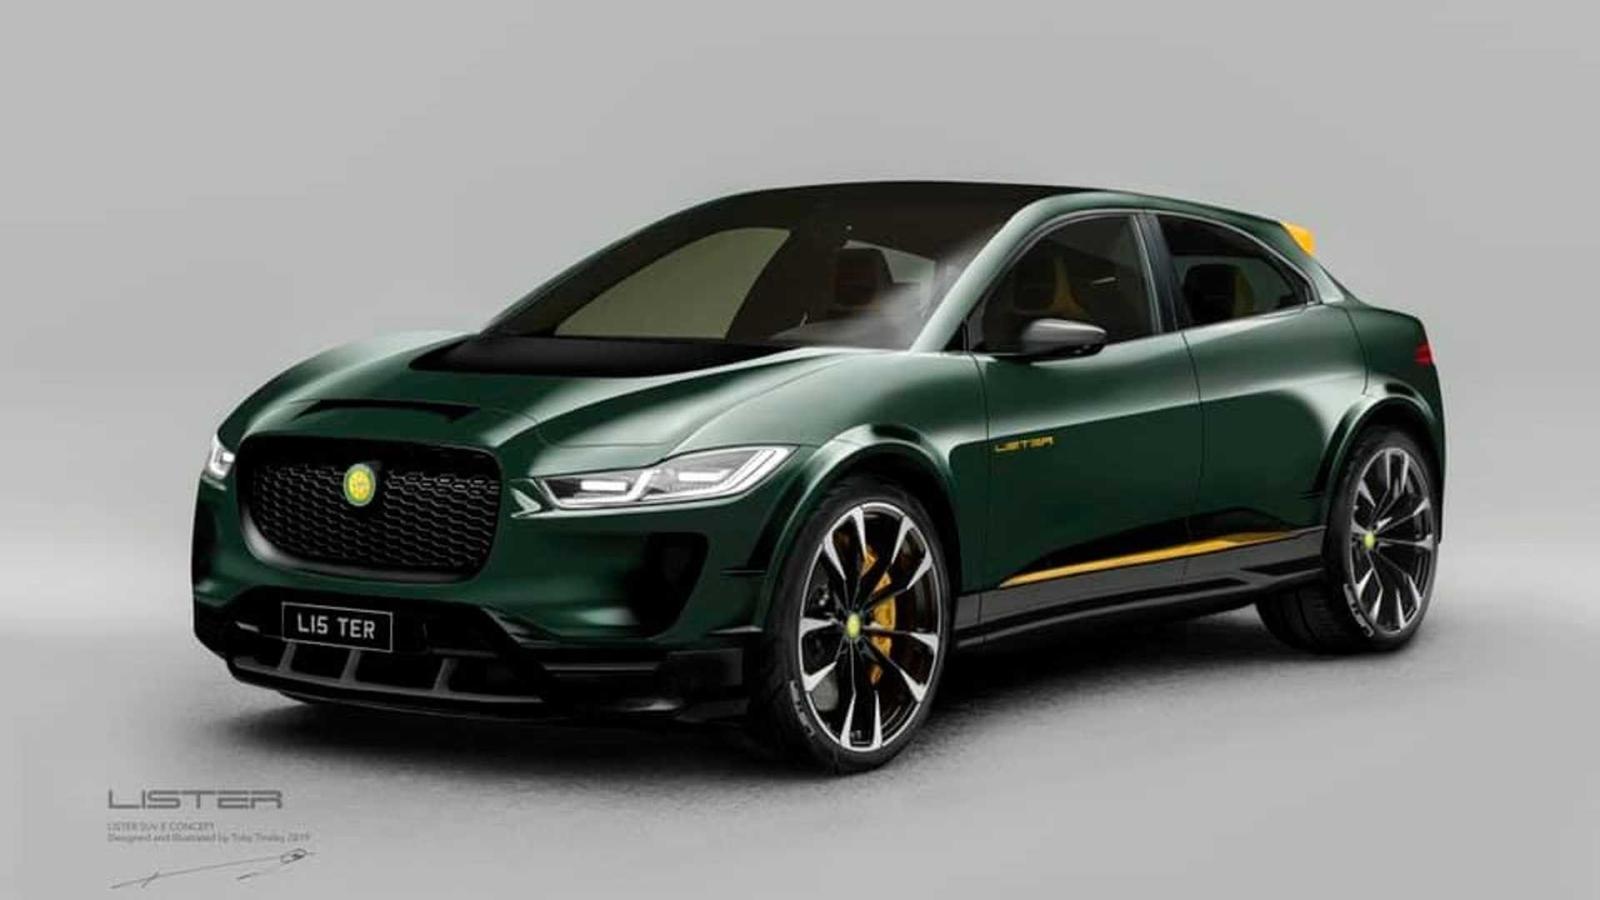 lister-suv-e-concept-jaguar-i-pace 3